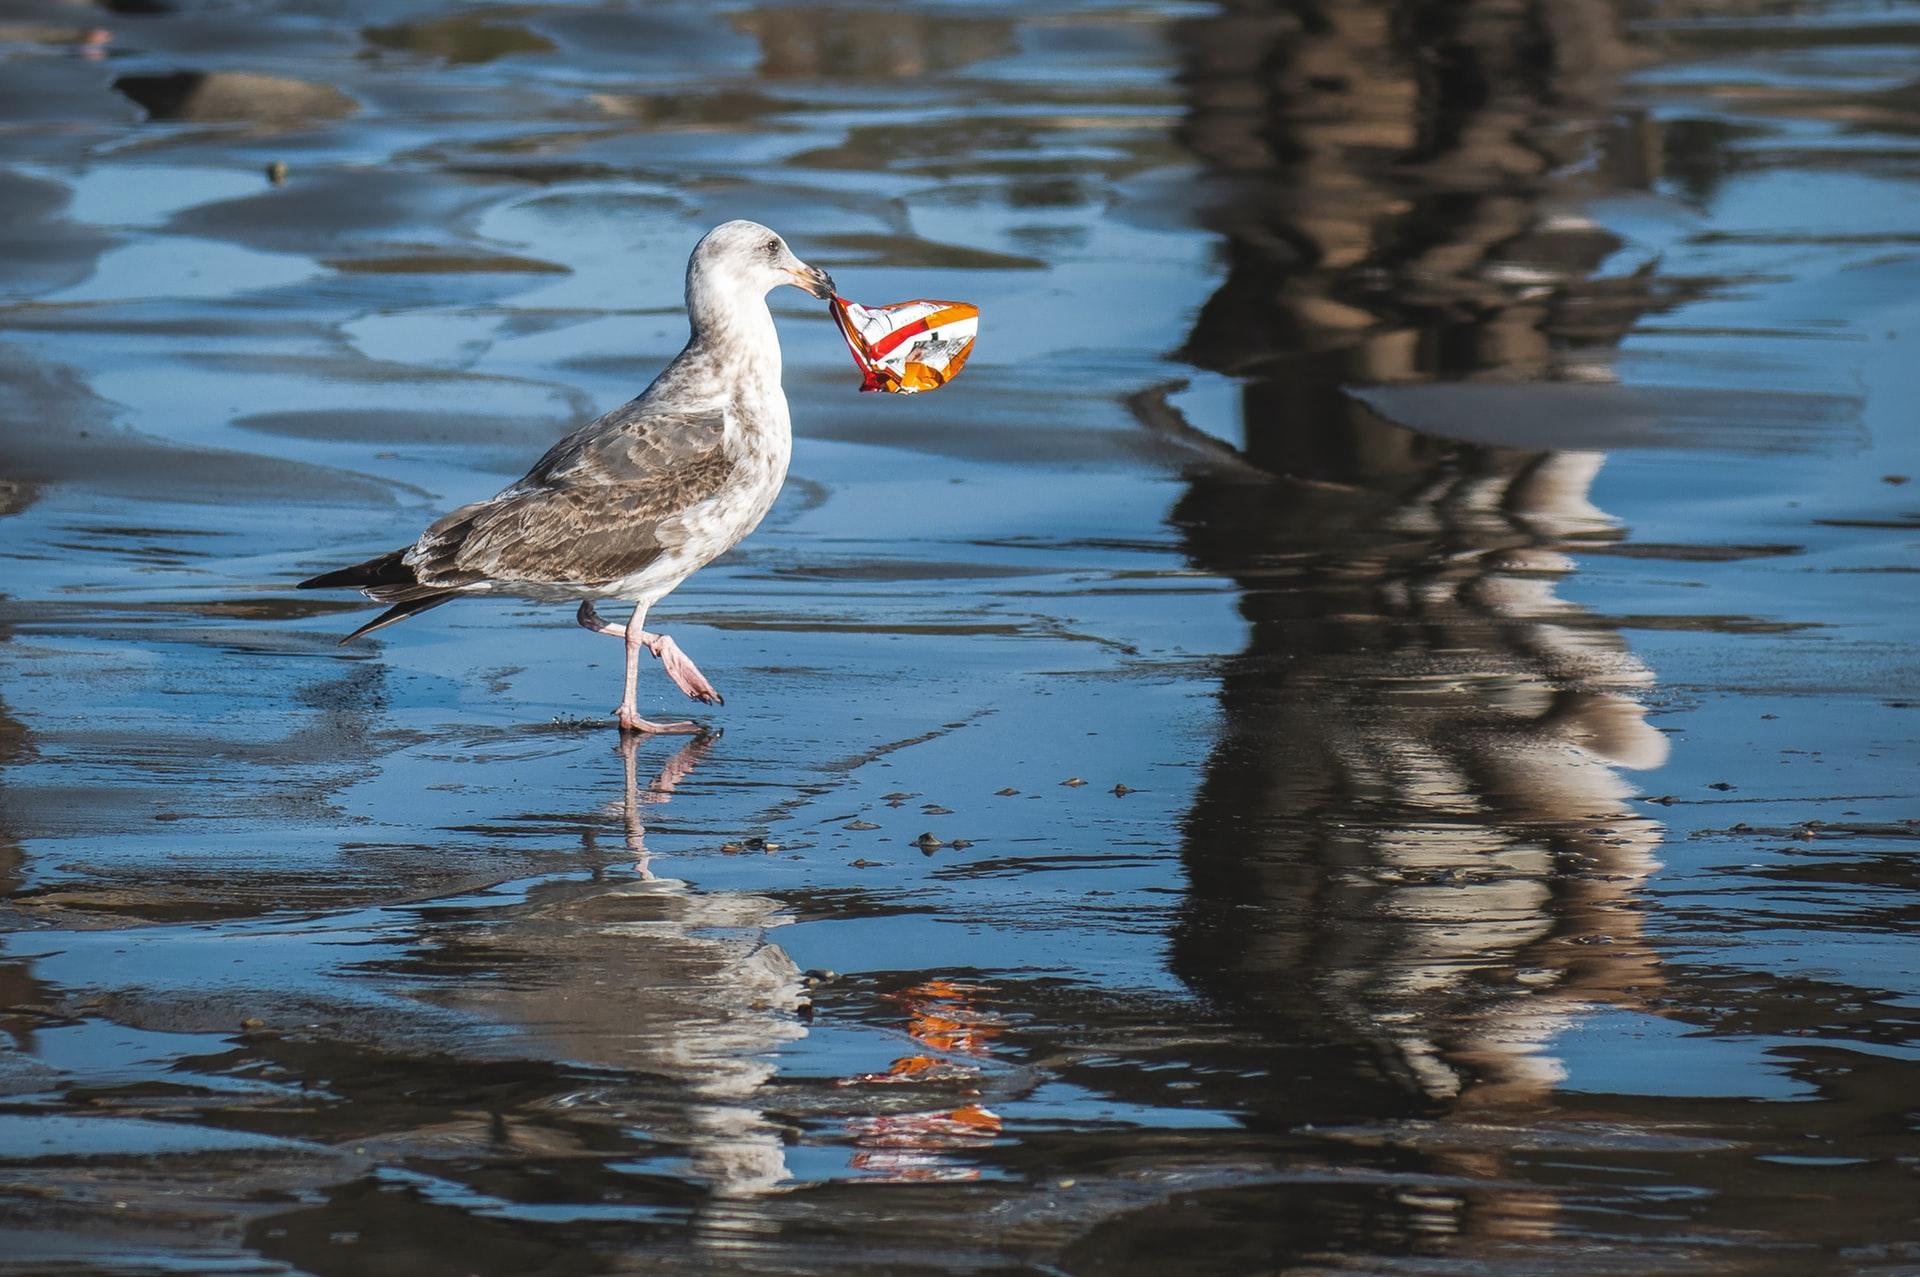 マイクロプラスチック汚染の広がり